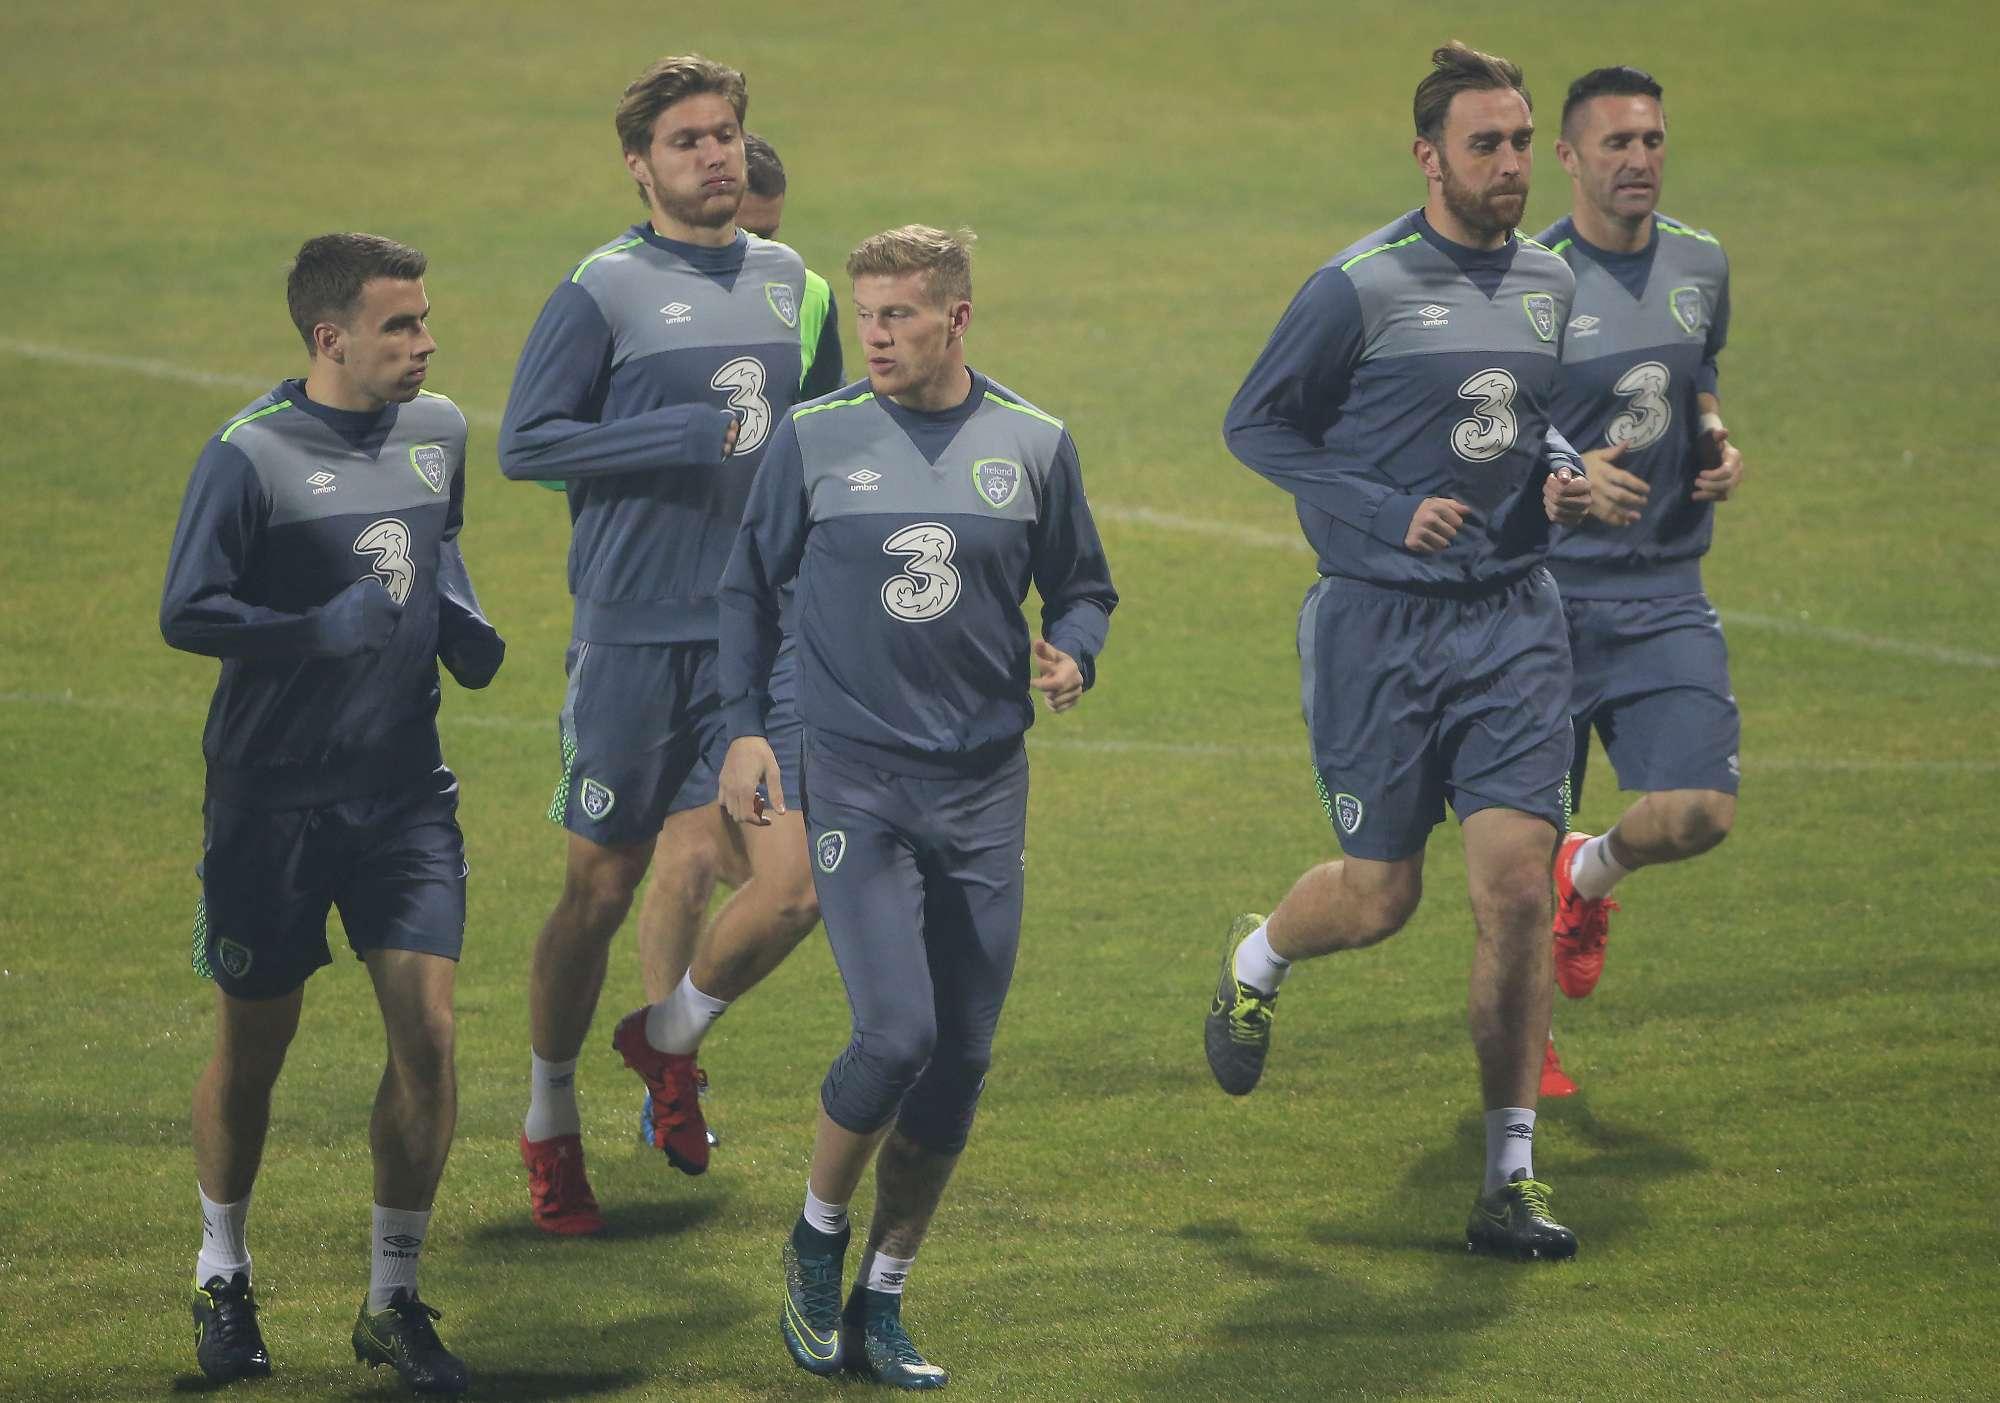 L'allenamento dei giocatori dell'Irlanda verso la gara di questa sera in Bosnia